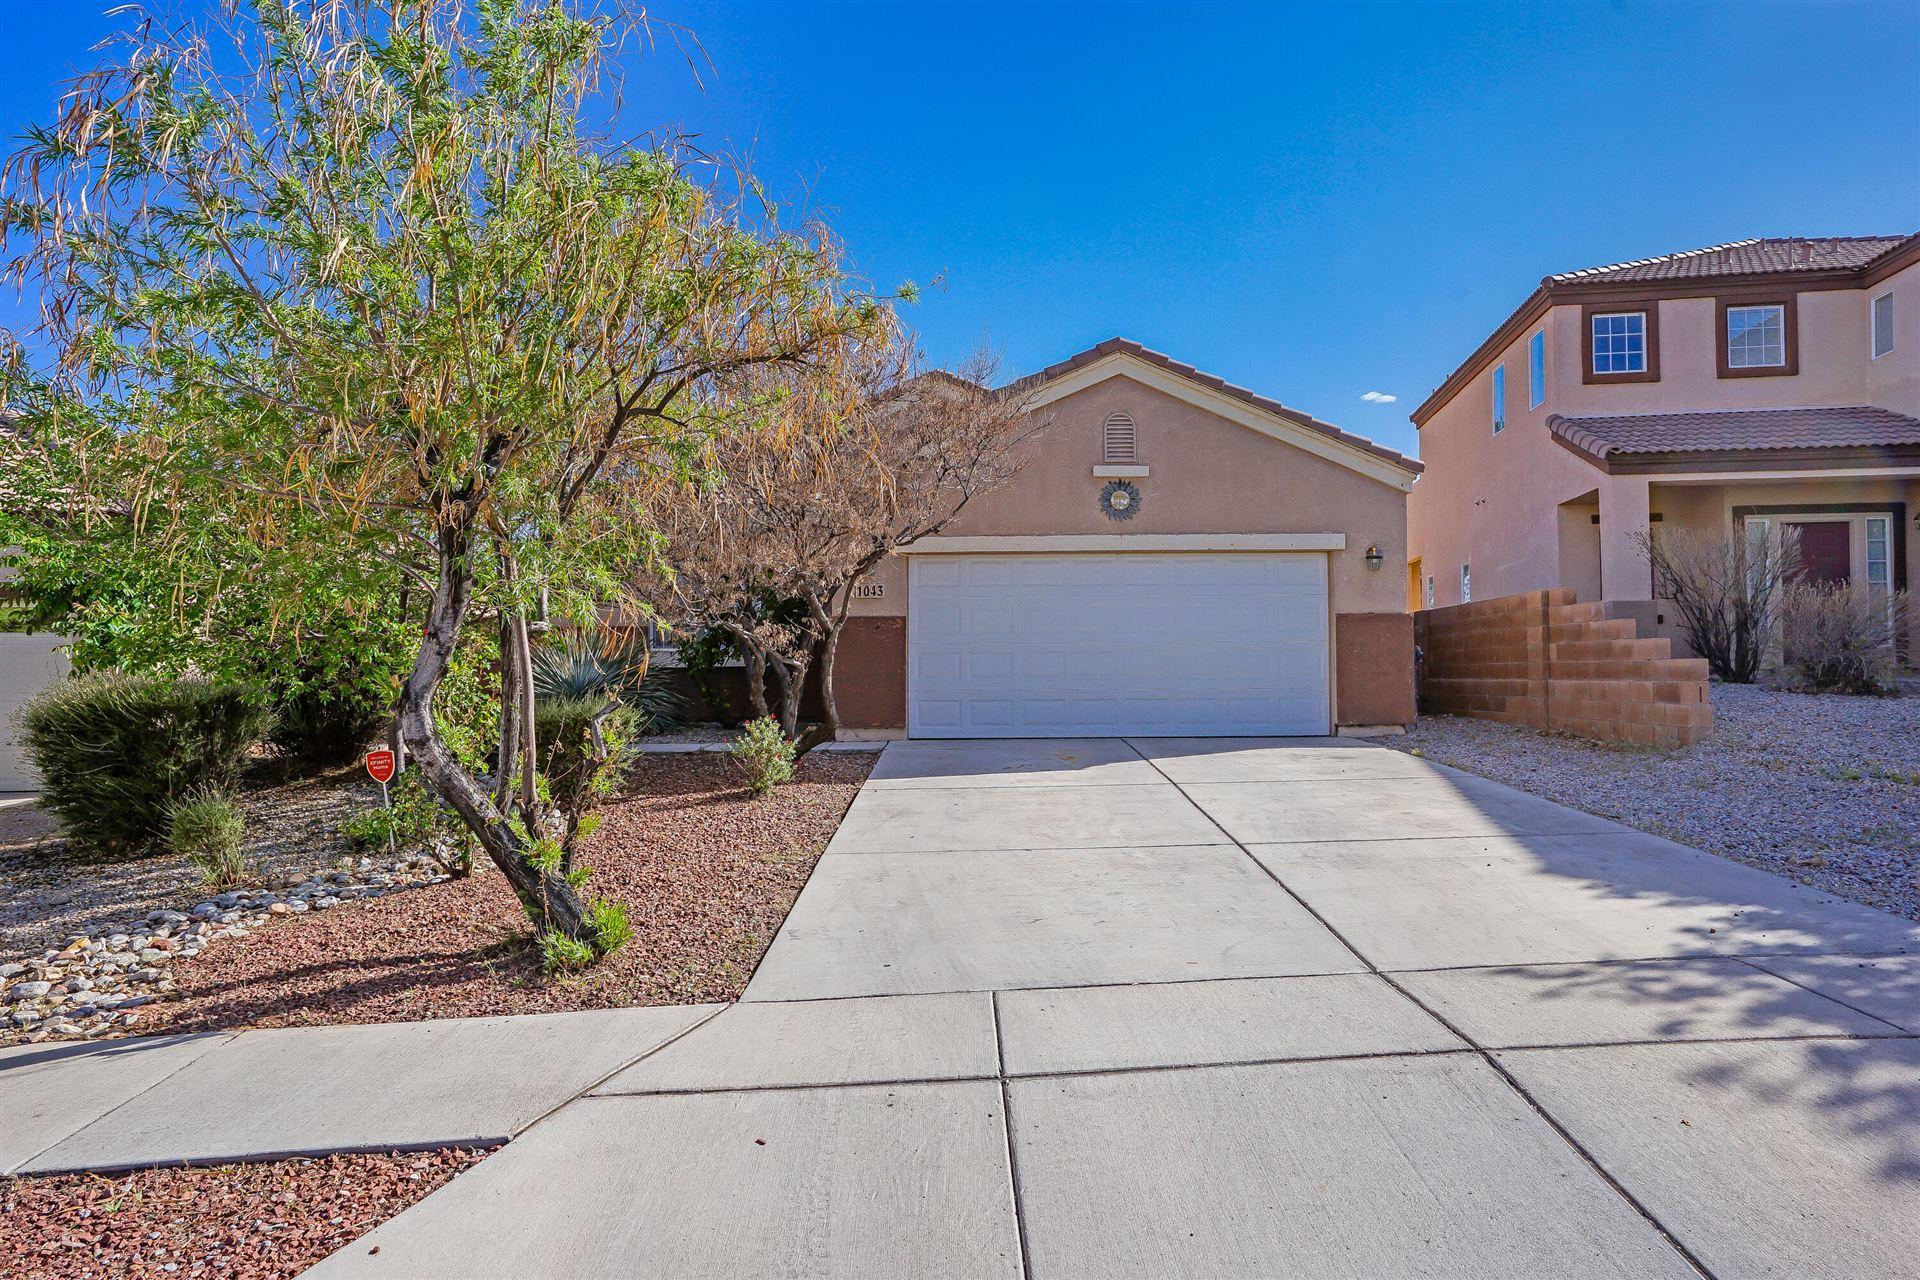 1043 MARAPI Street NW, Albuquerque, NM 87120 - MLS#: 991820